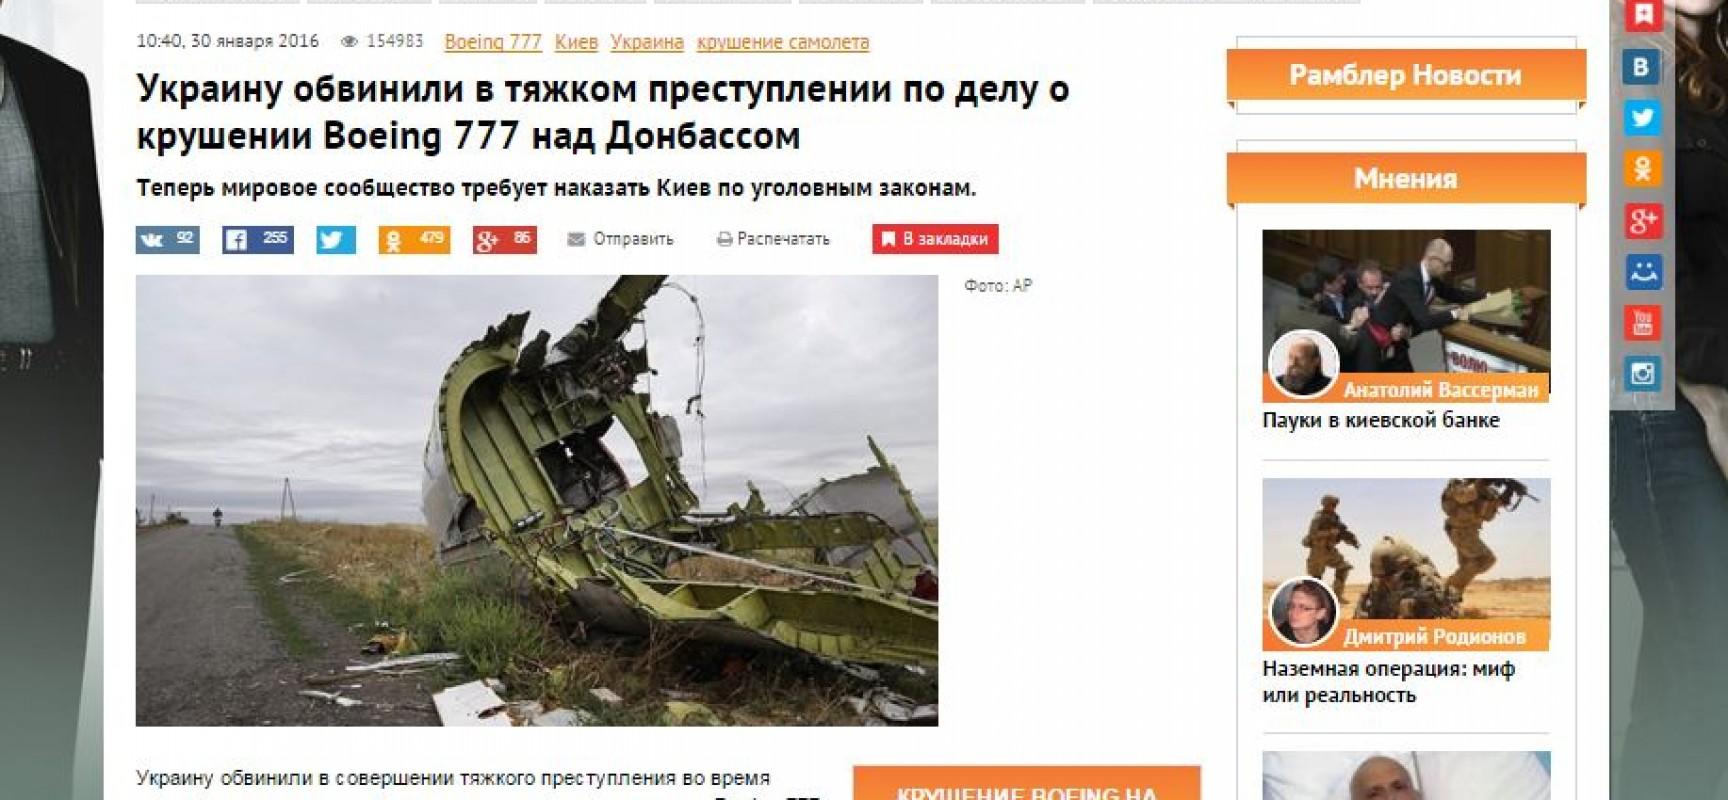 Fake: L'Olanda accusa l'Ucraina di crimini relativi al volo MH17